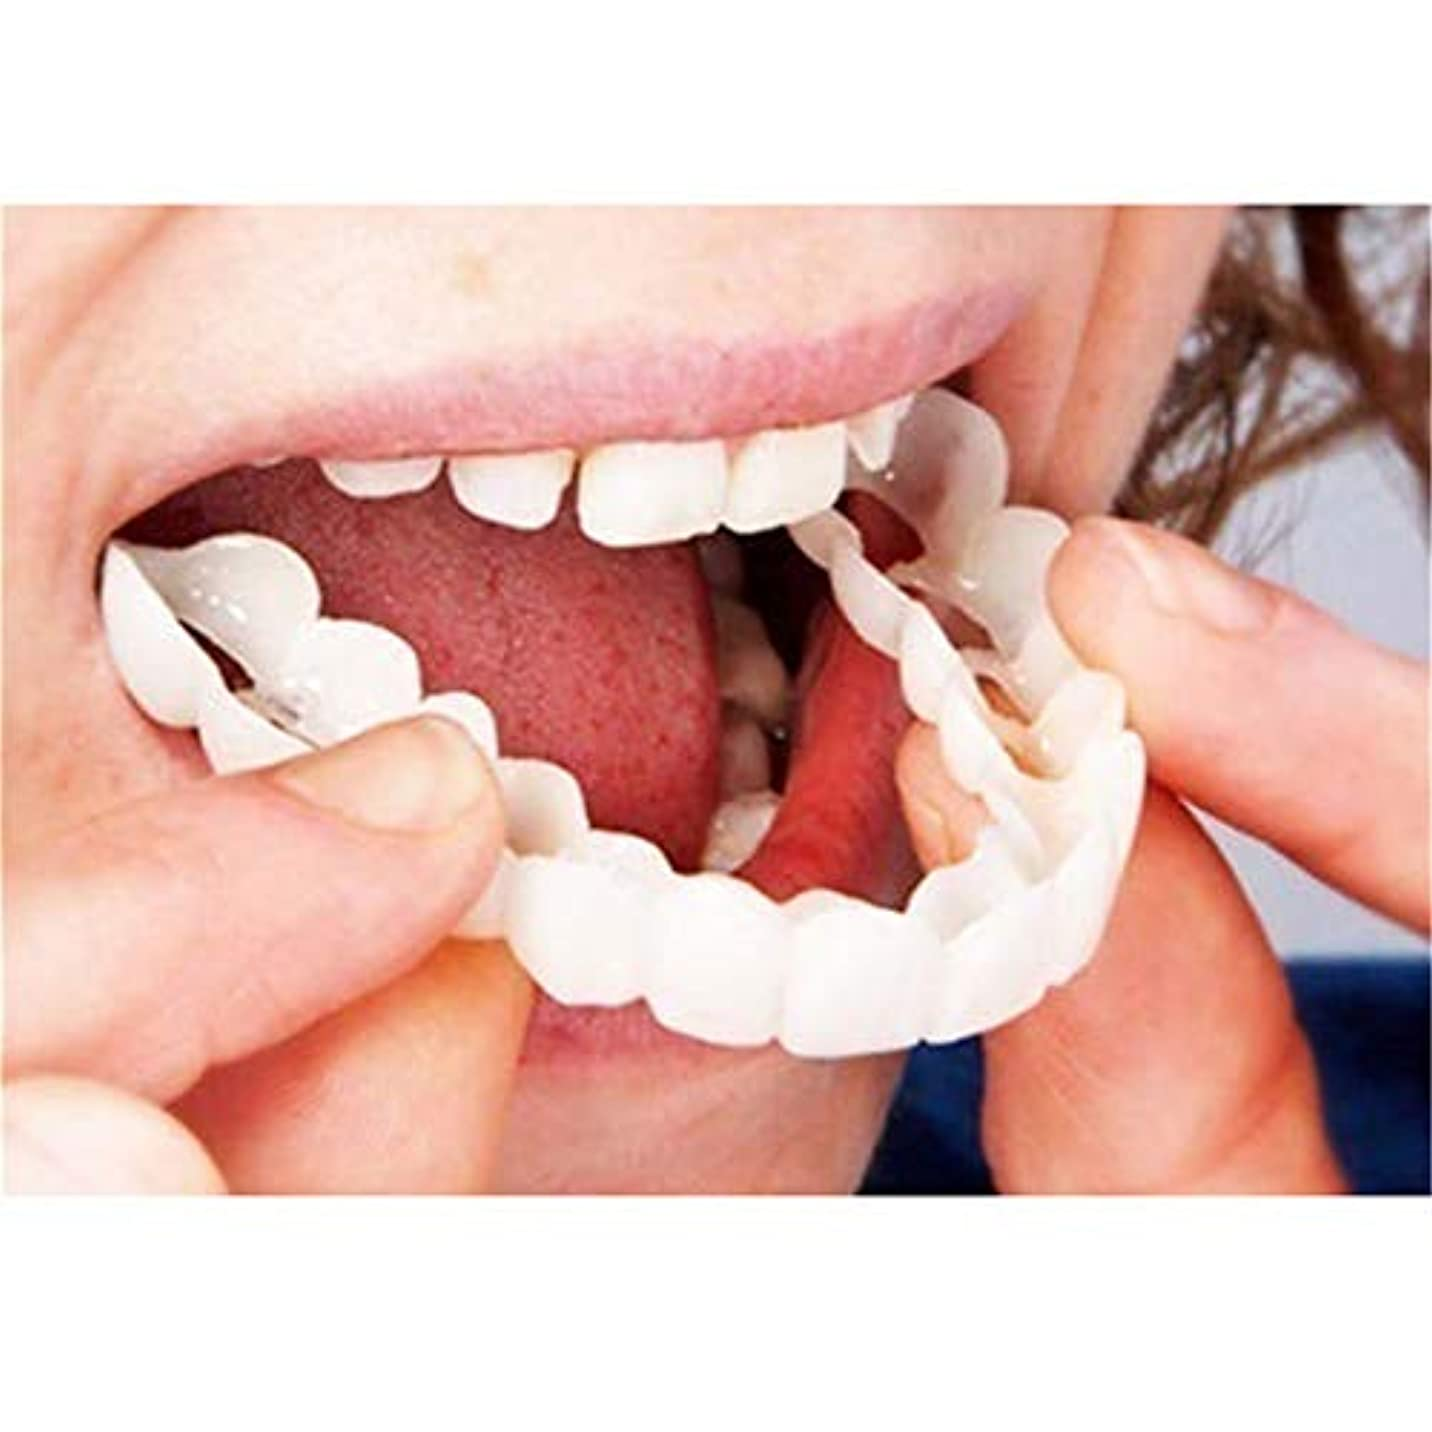 安定造船憂慮すべきシリコンシミュレーション歯ホワイトニングブレース(1個),Lowerteeth